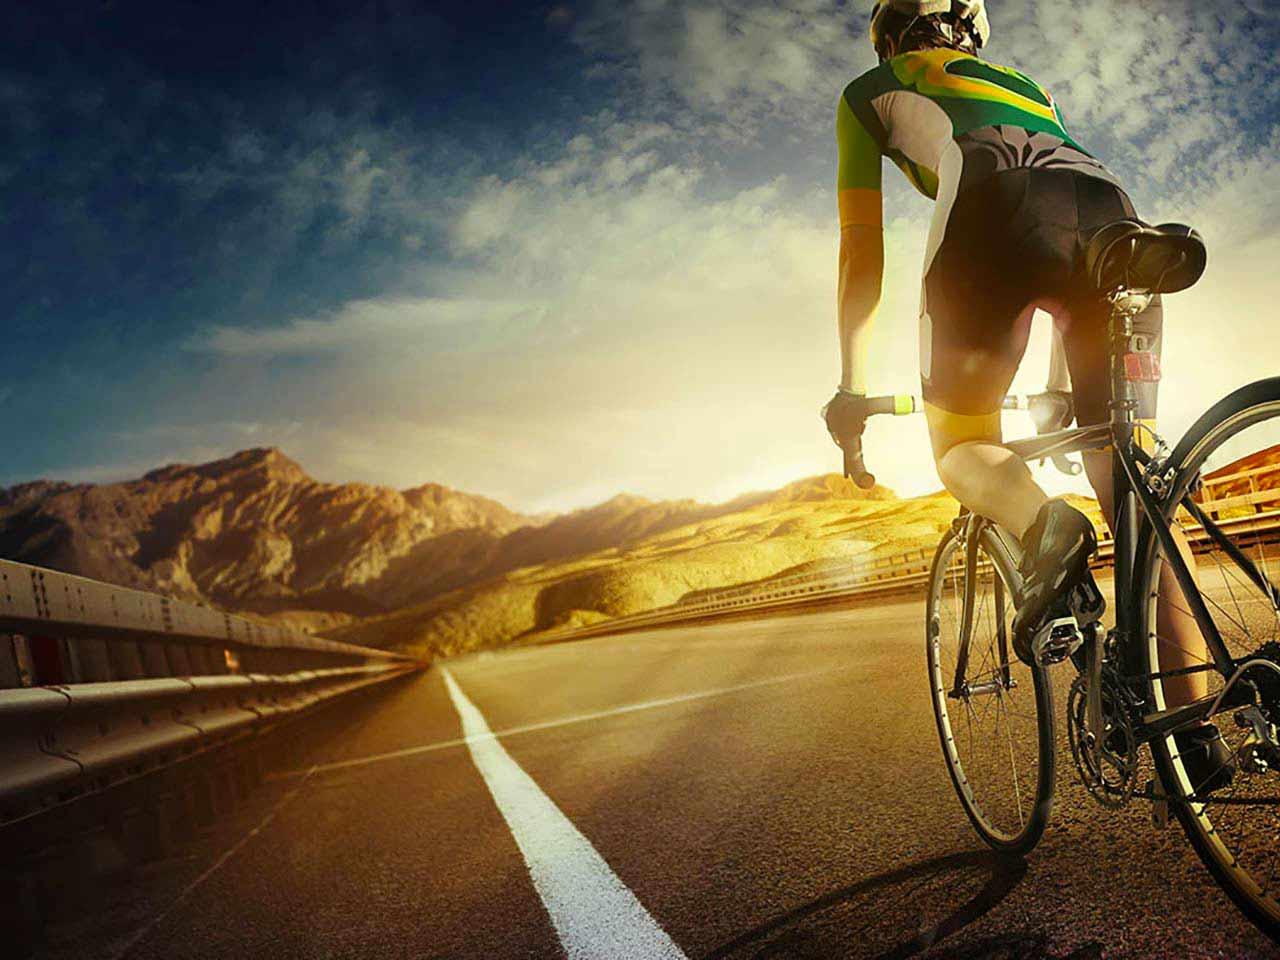 Cycling along road